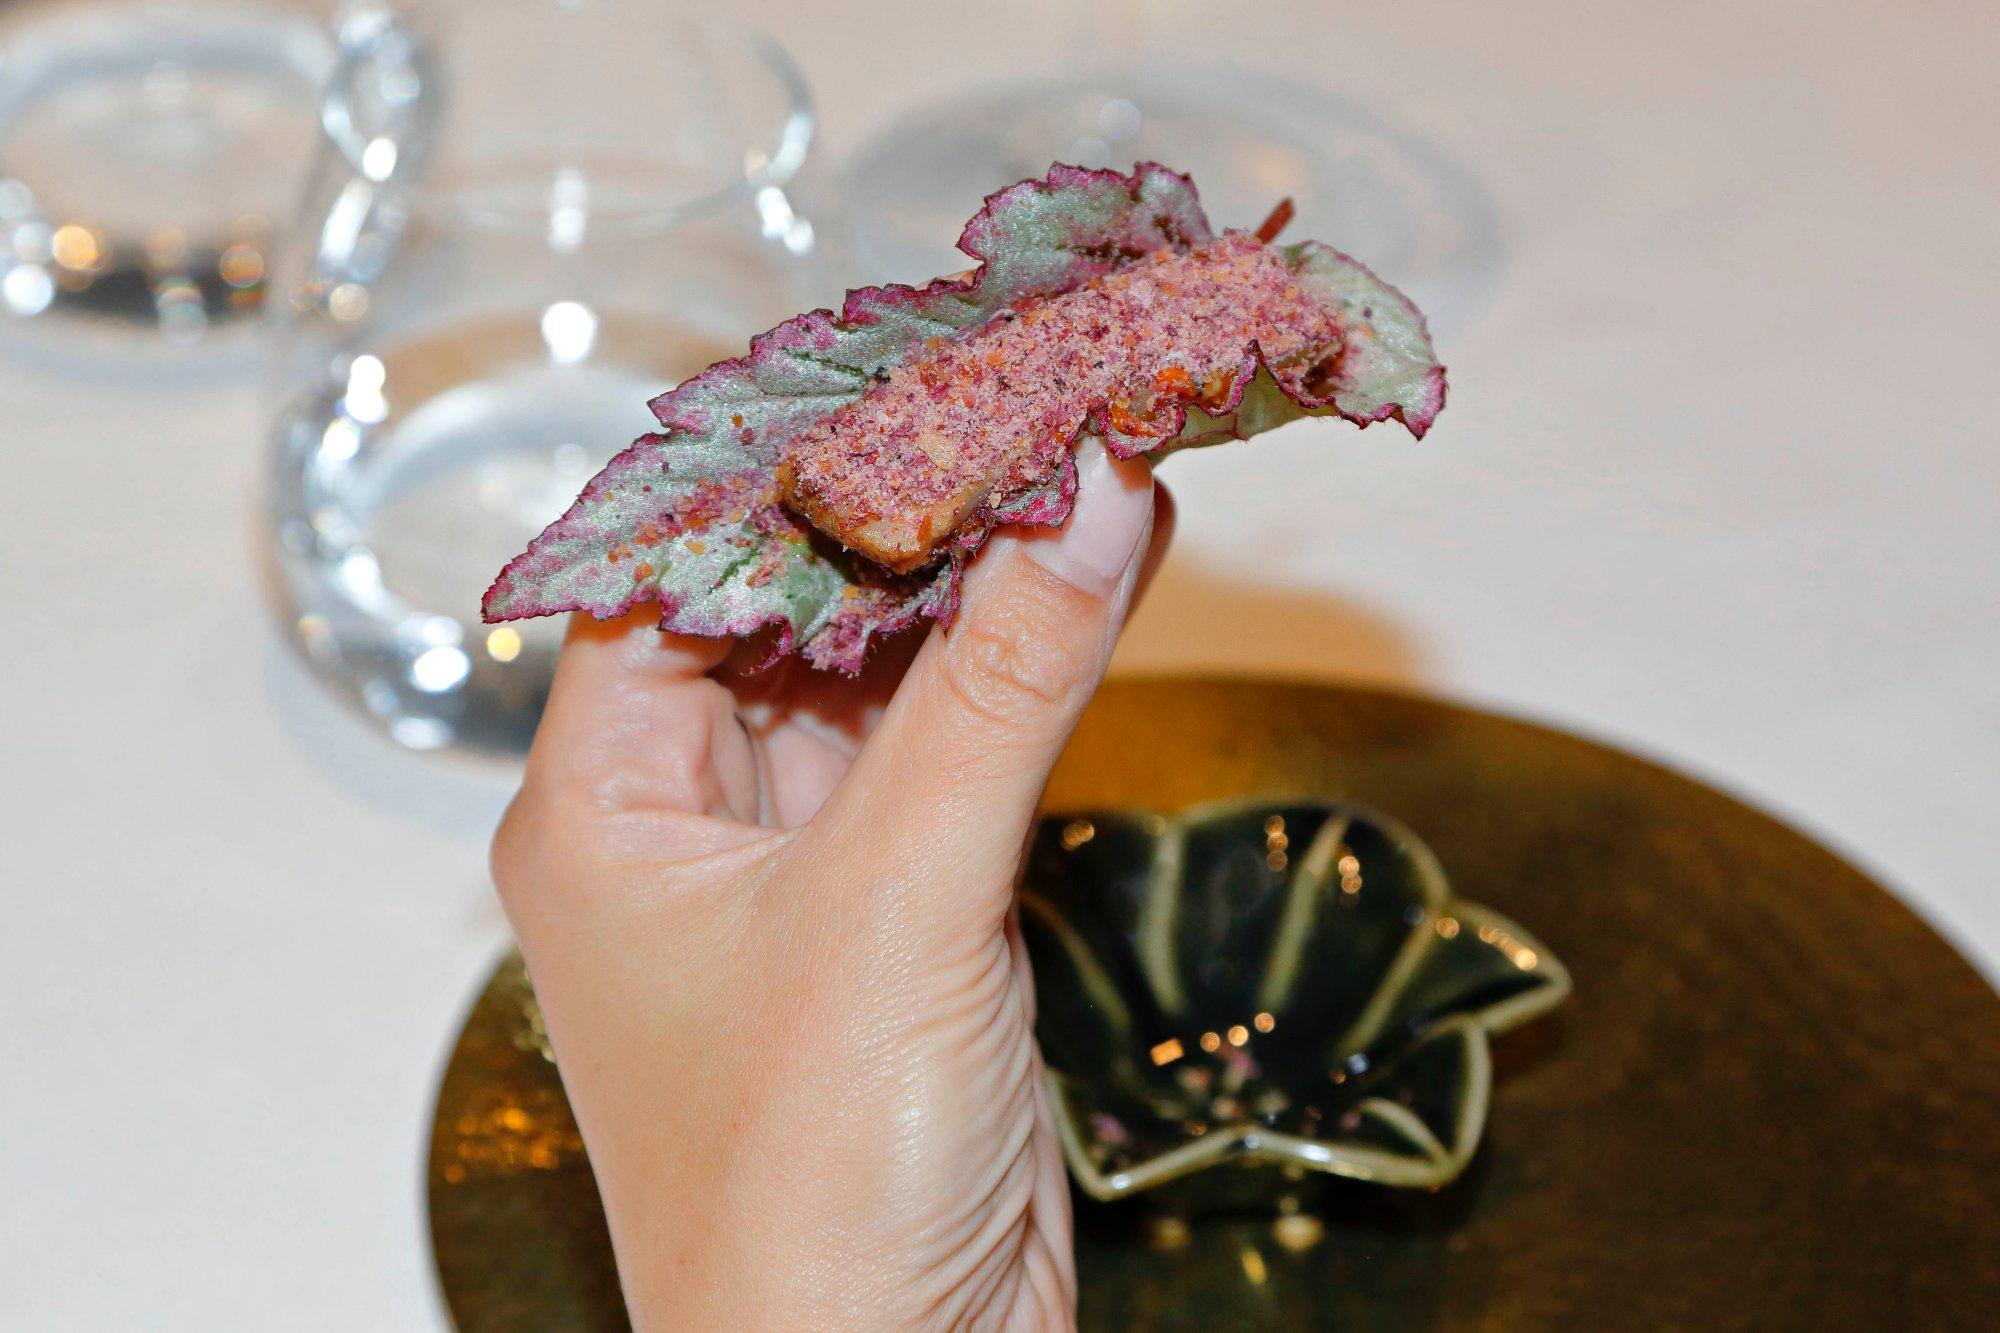 'Sam' de panceta ibérica marcada a la plancha con hoja de dragón y crujiente de cebolla morada.